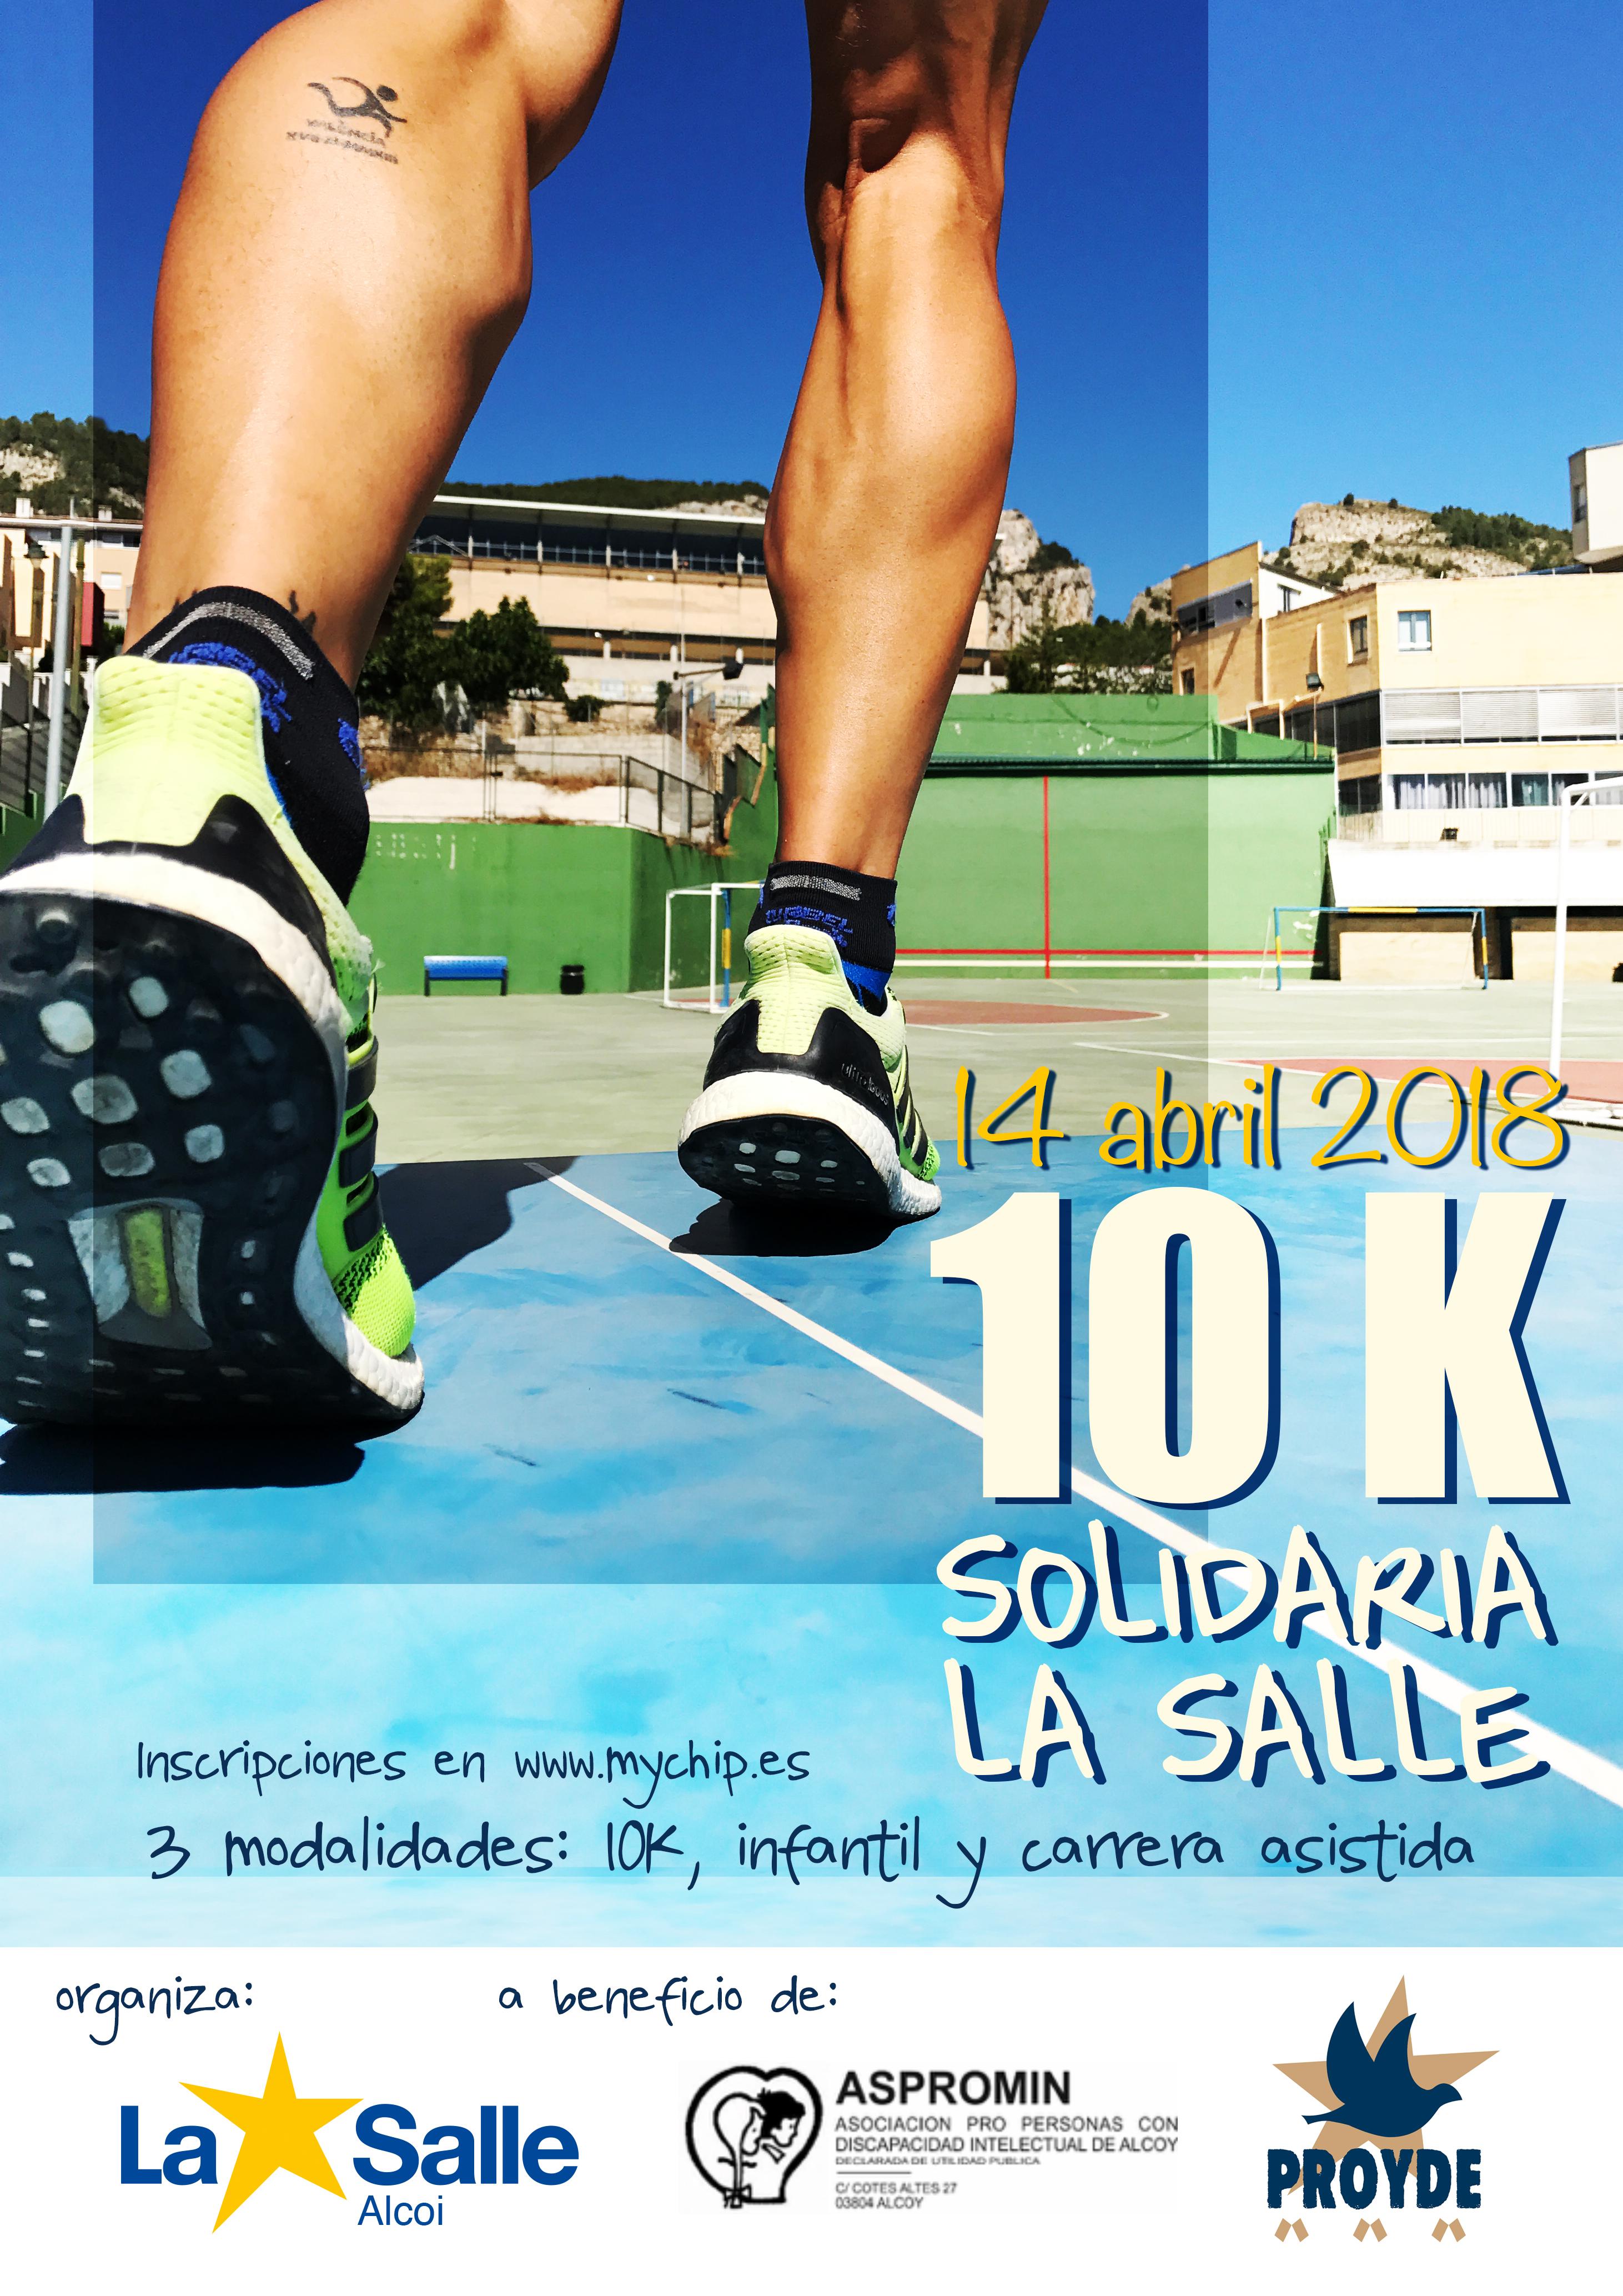 10k solidaria en La Salle Alcoi